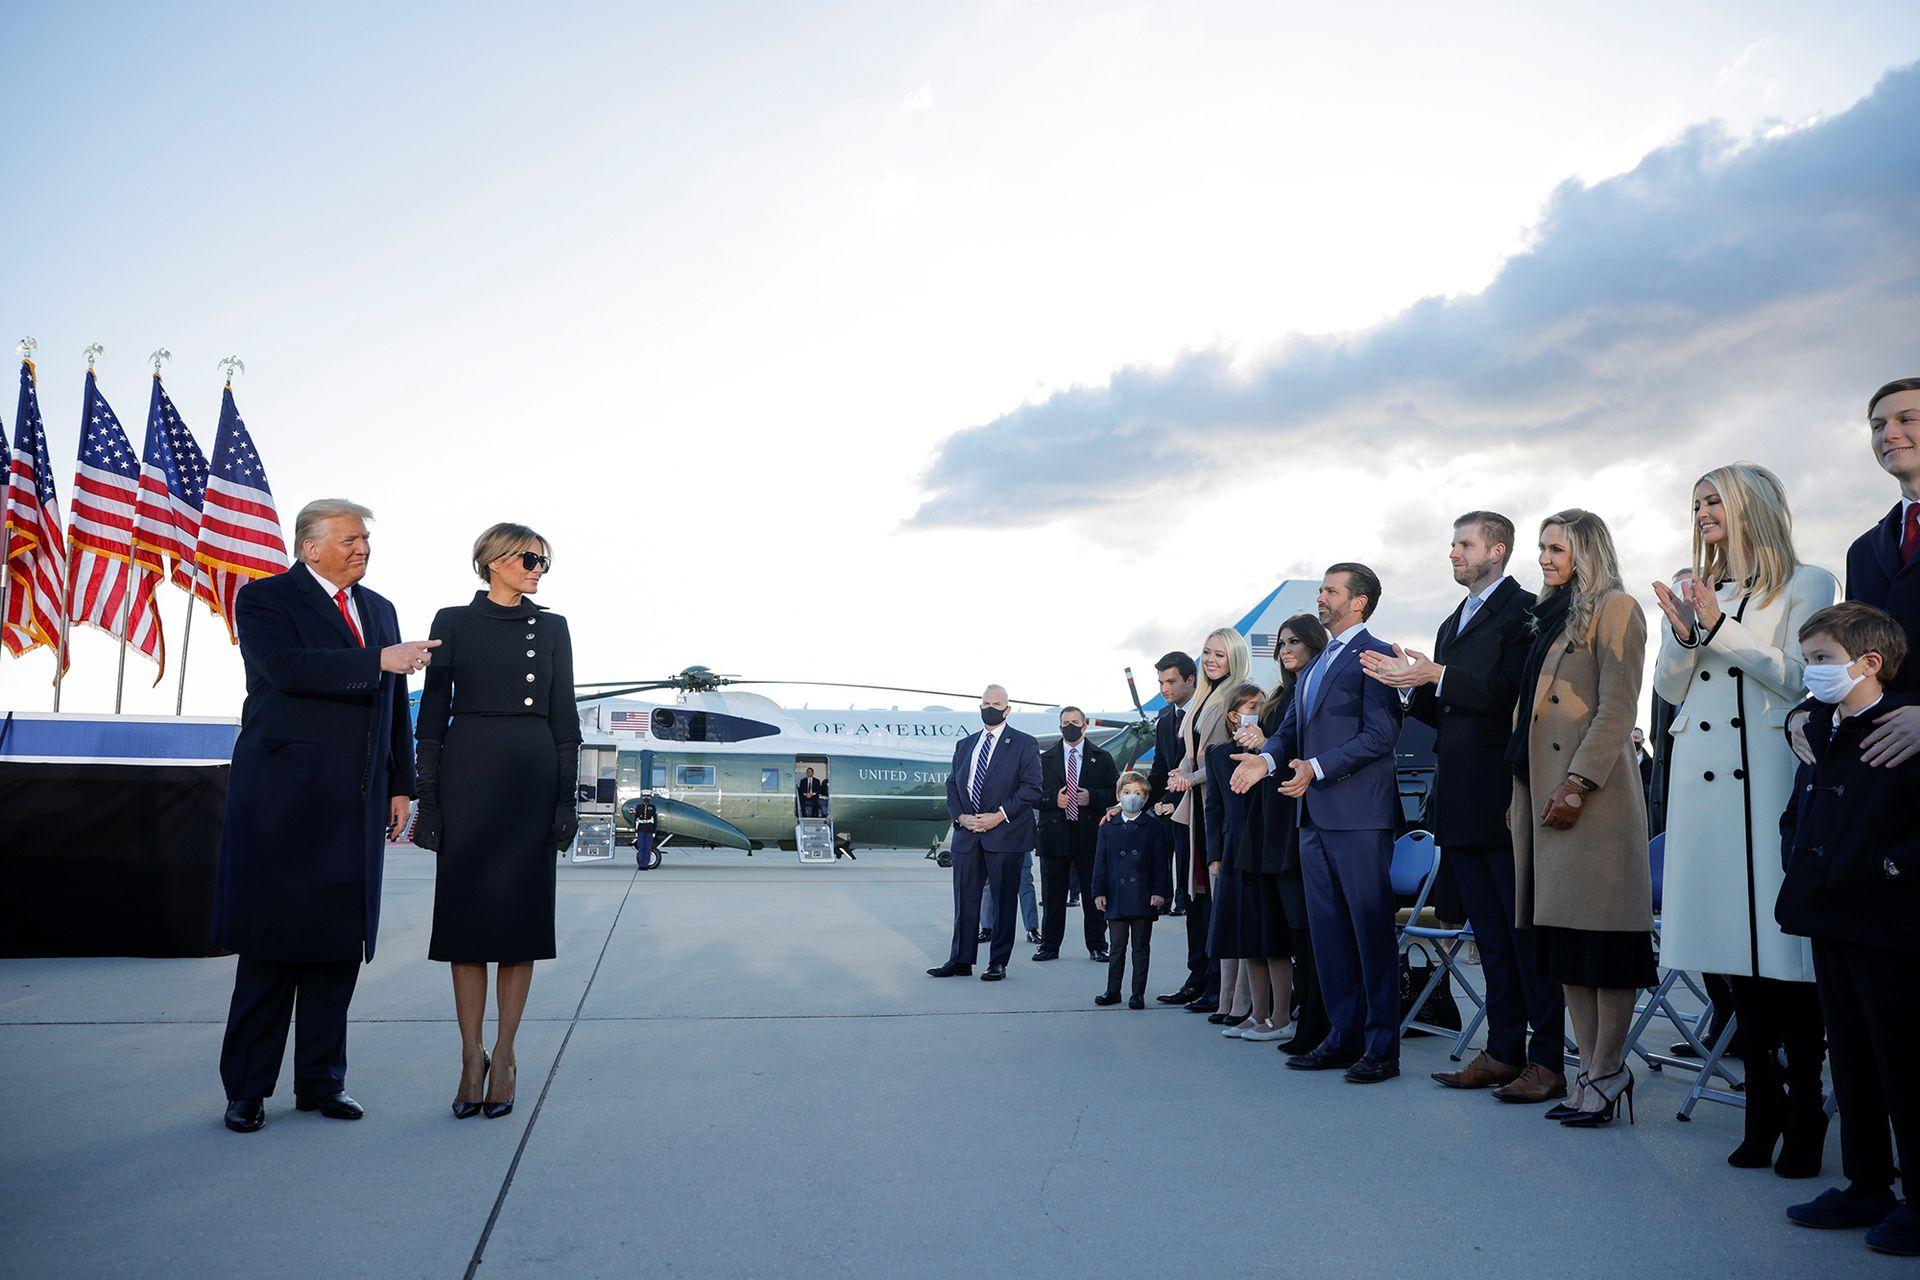 El presidente de Estados Unidos, Donald Trump, junto a su familia en la base conjunta Andrews, Maryland